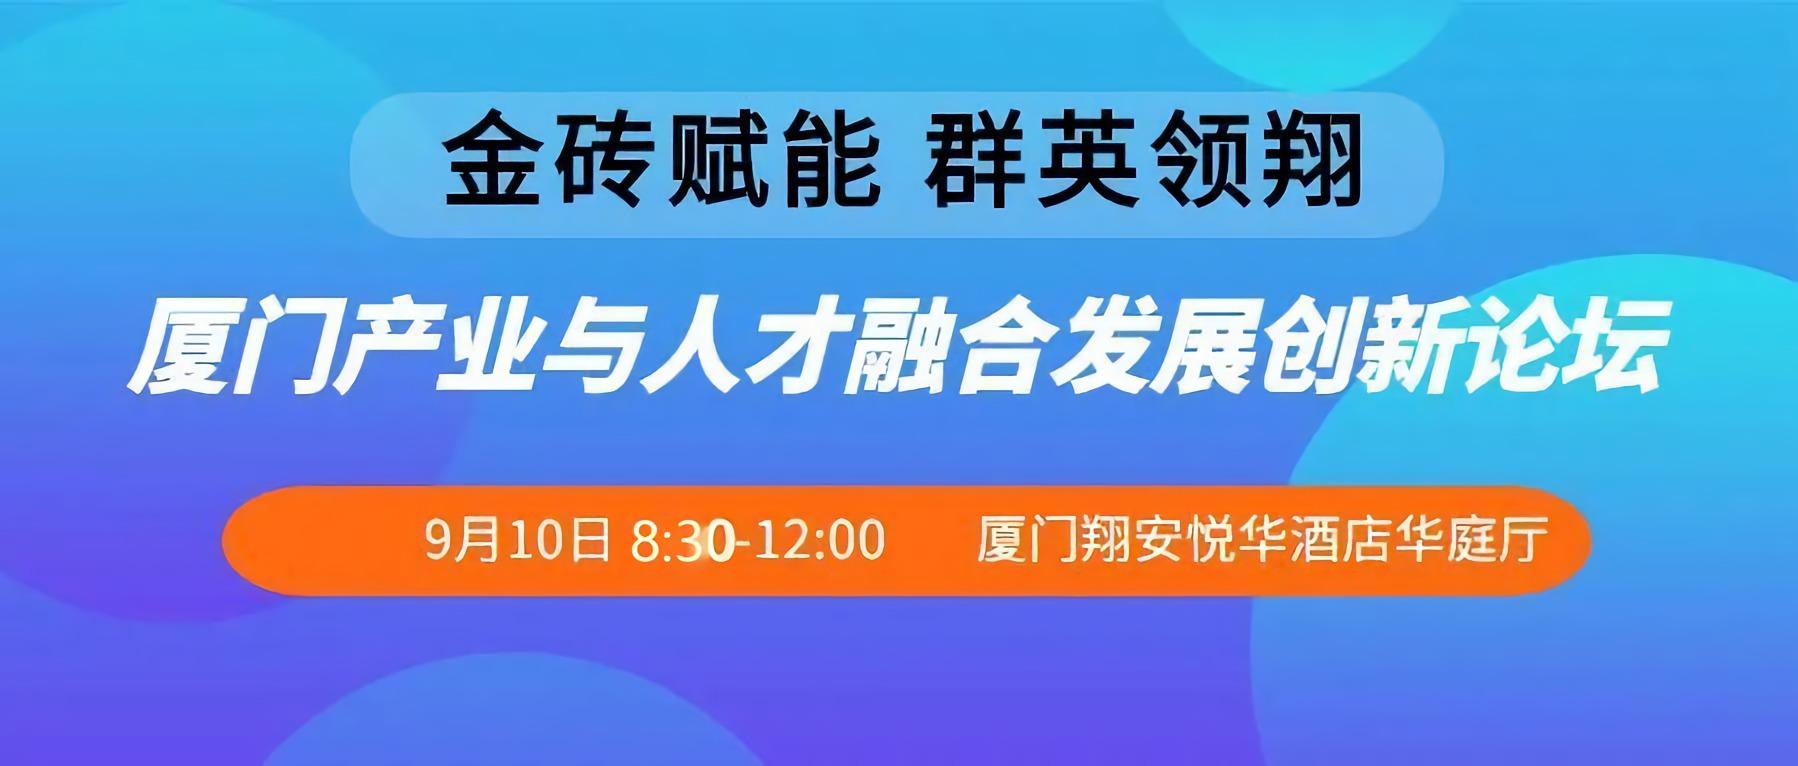 预告:厦门产业与人才融合发展创新论坛将于9月10日举办